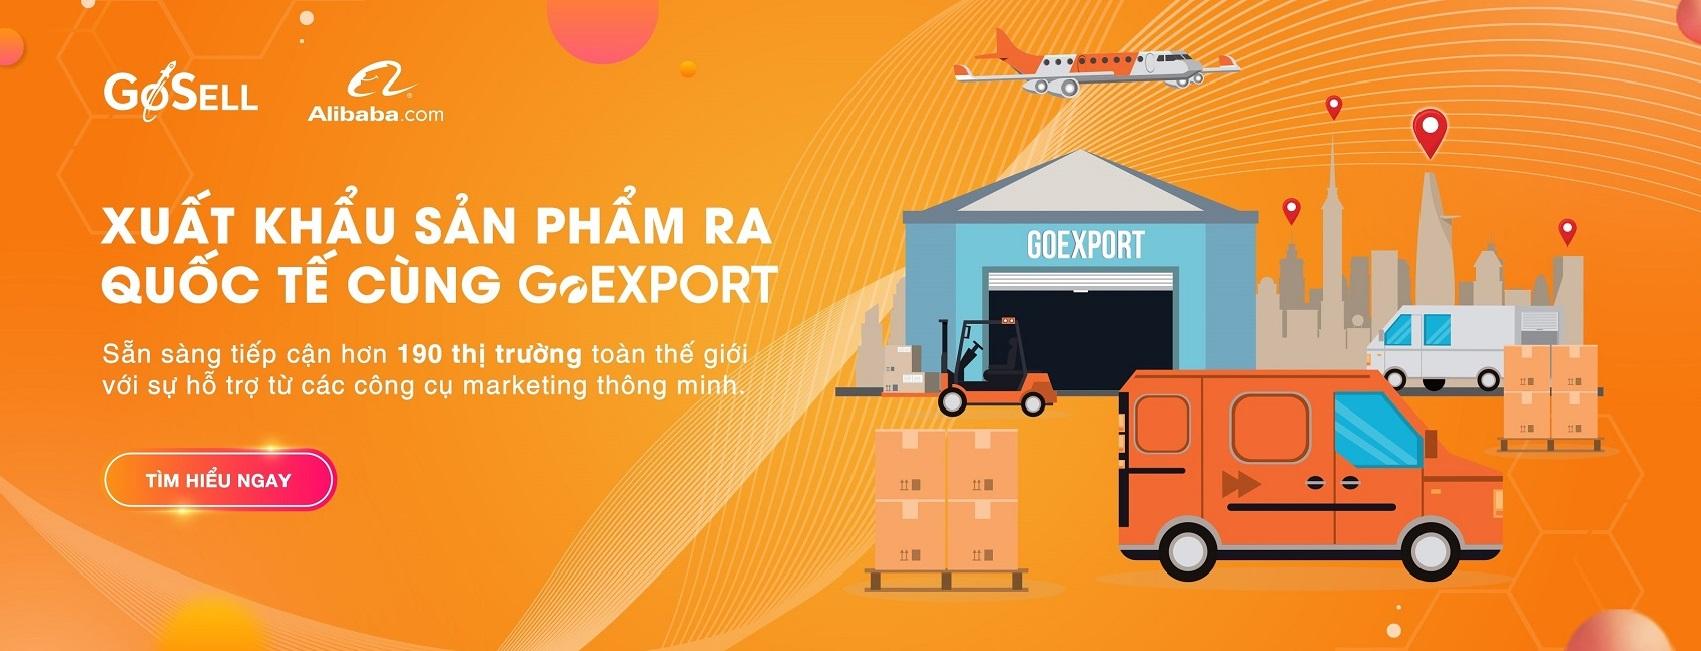 goexport